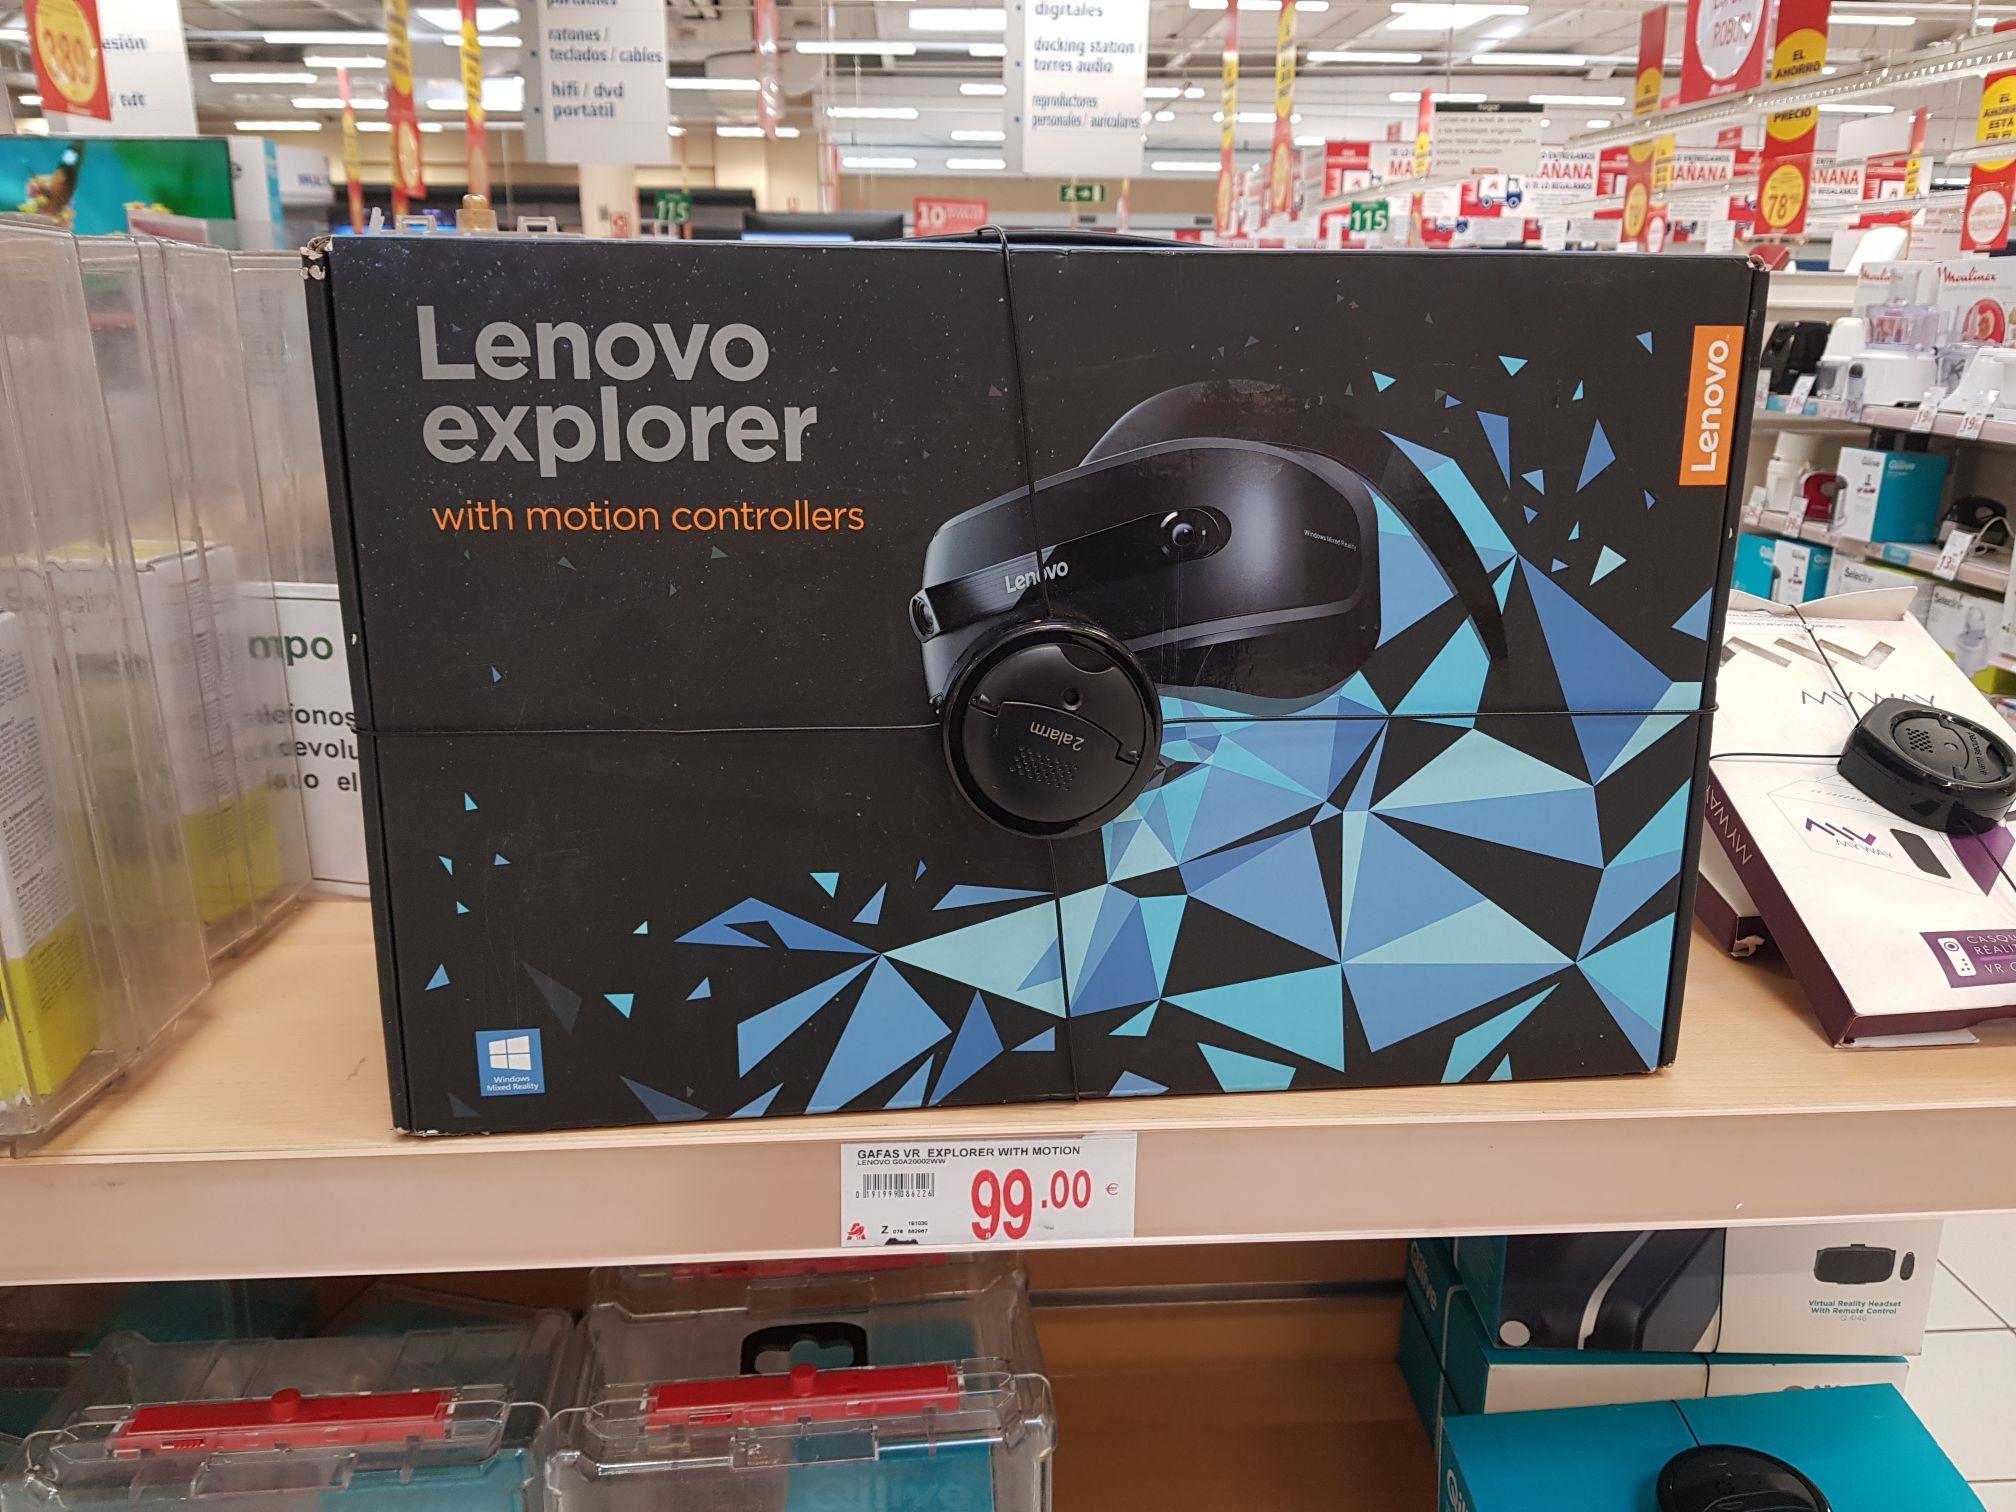 Gafas de vr Lenovo explorer (Alcampo del C. C. La Vega)